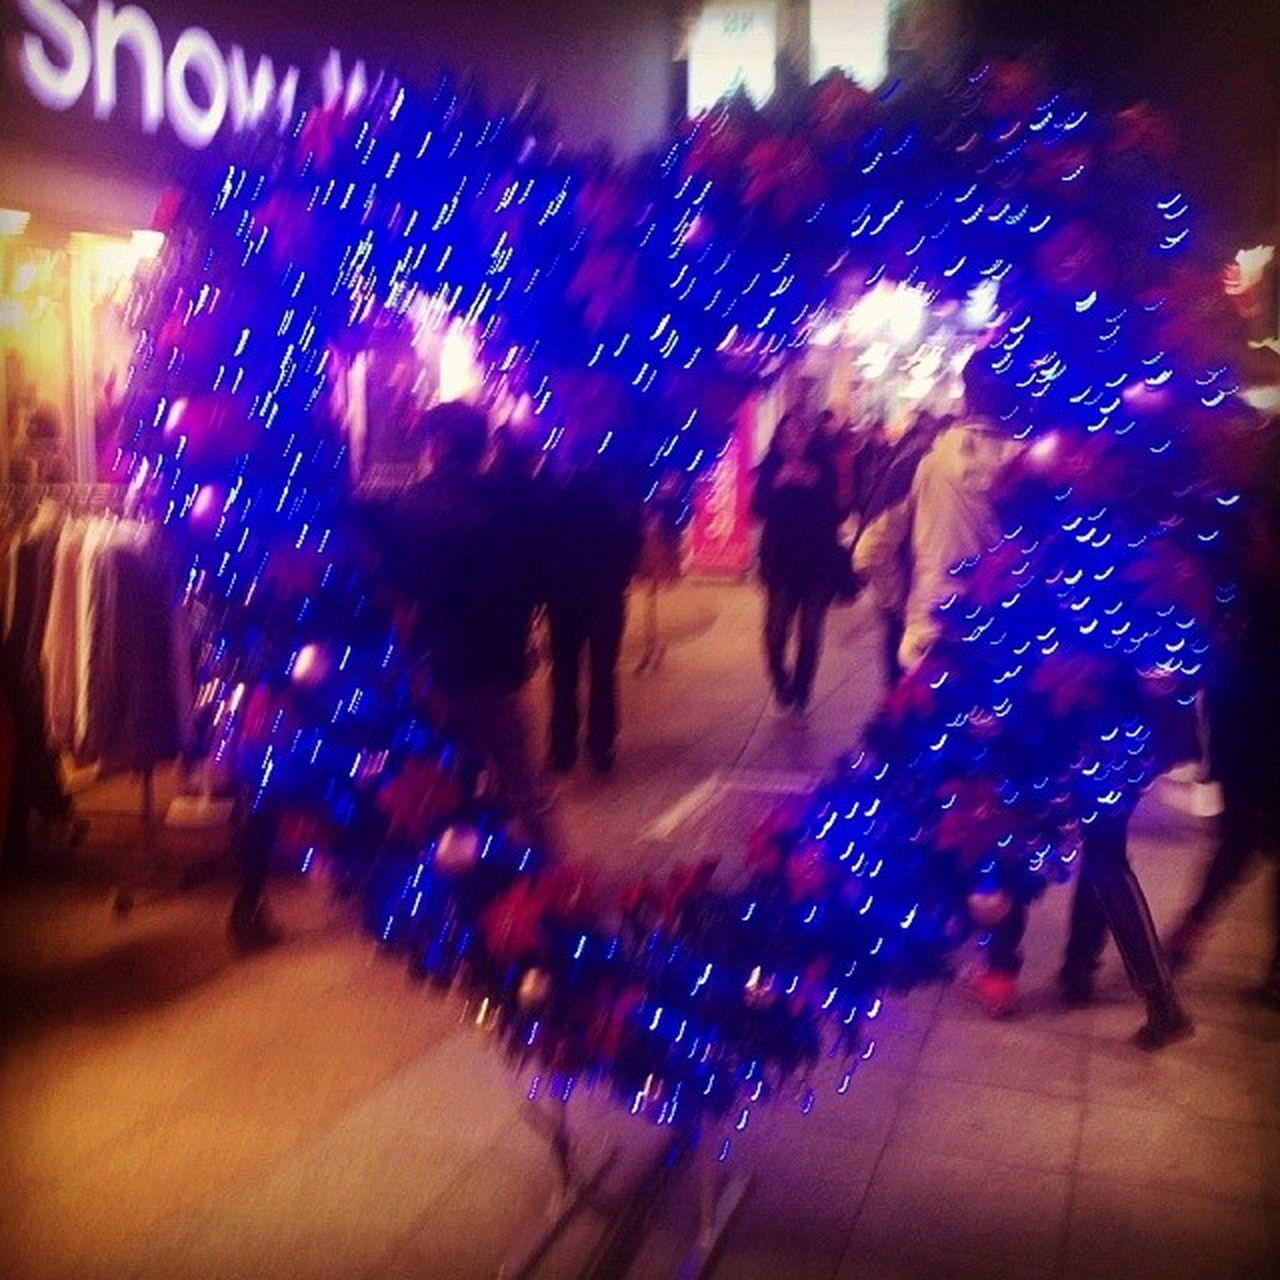 . 푸른빛♥트리. 일상 크리스마스트리축제 크리스마스트리